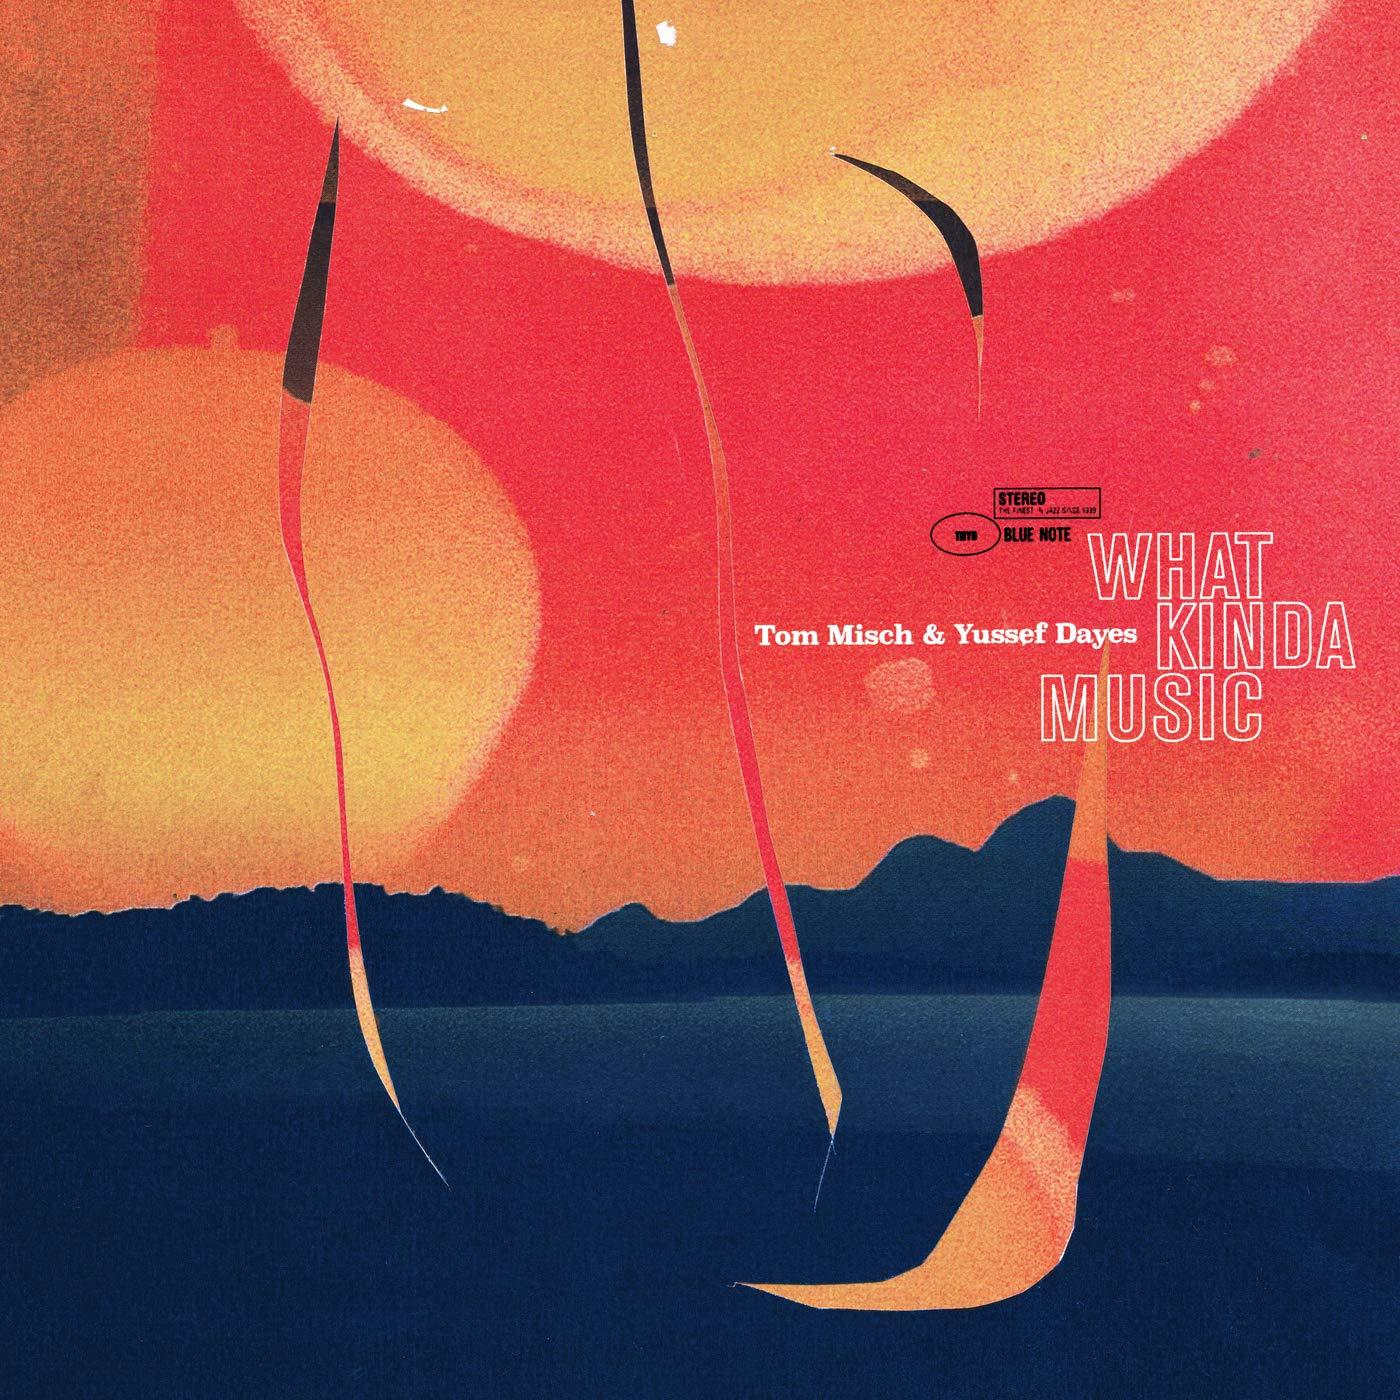 Tom Misch & Yussef Dayes - What Kinda Music [2xLP]